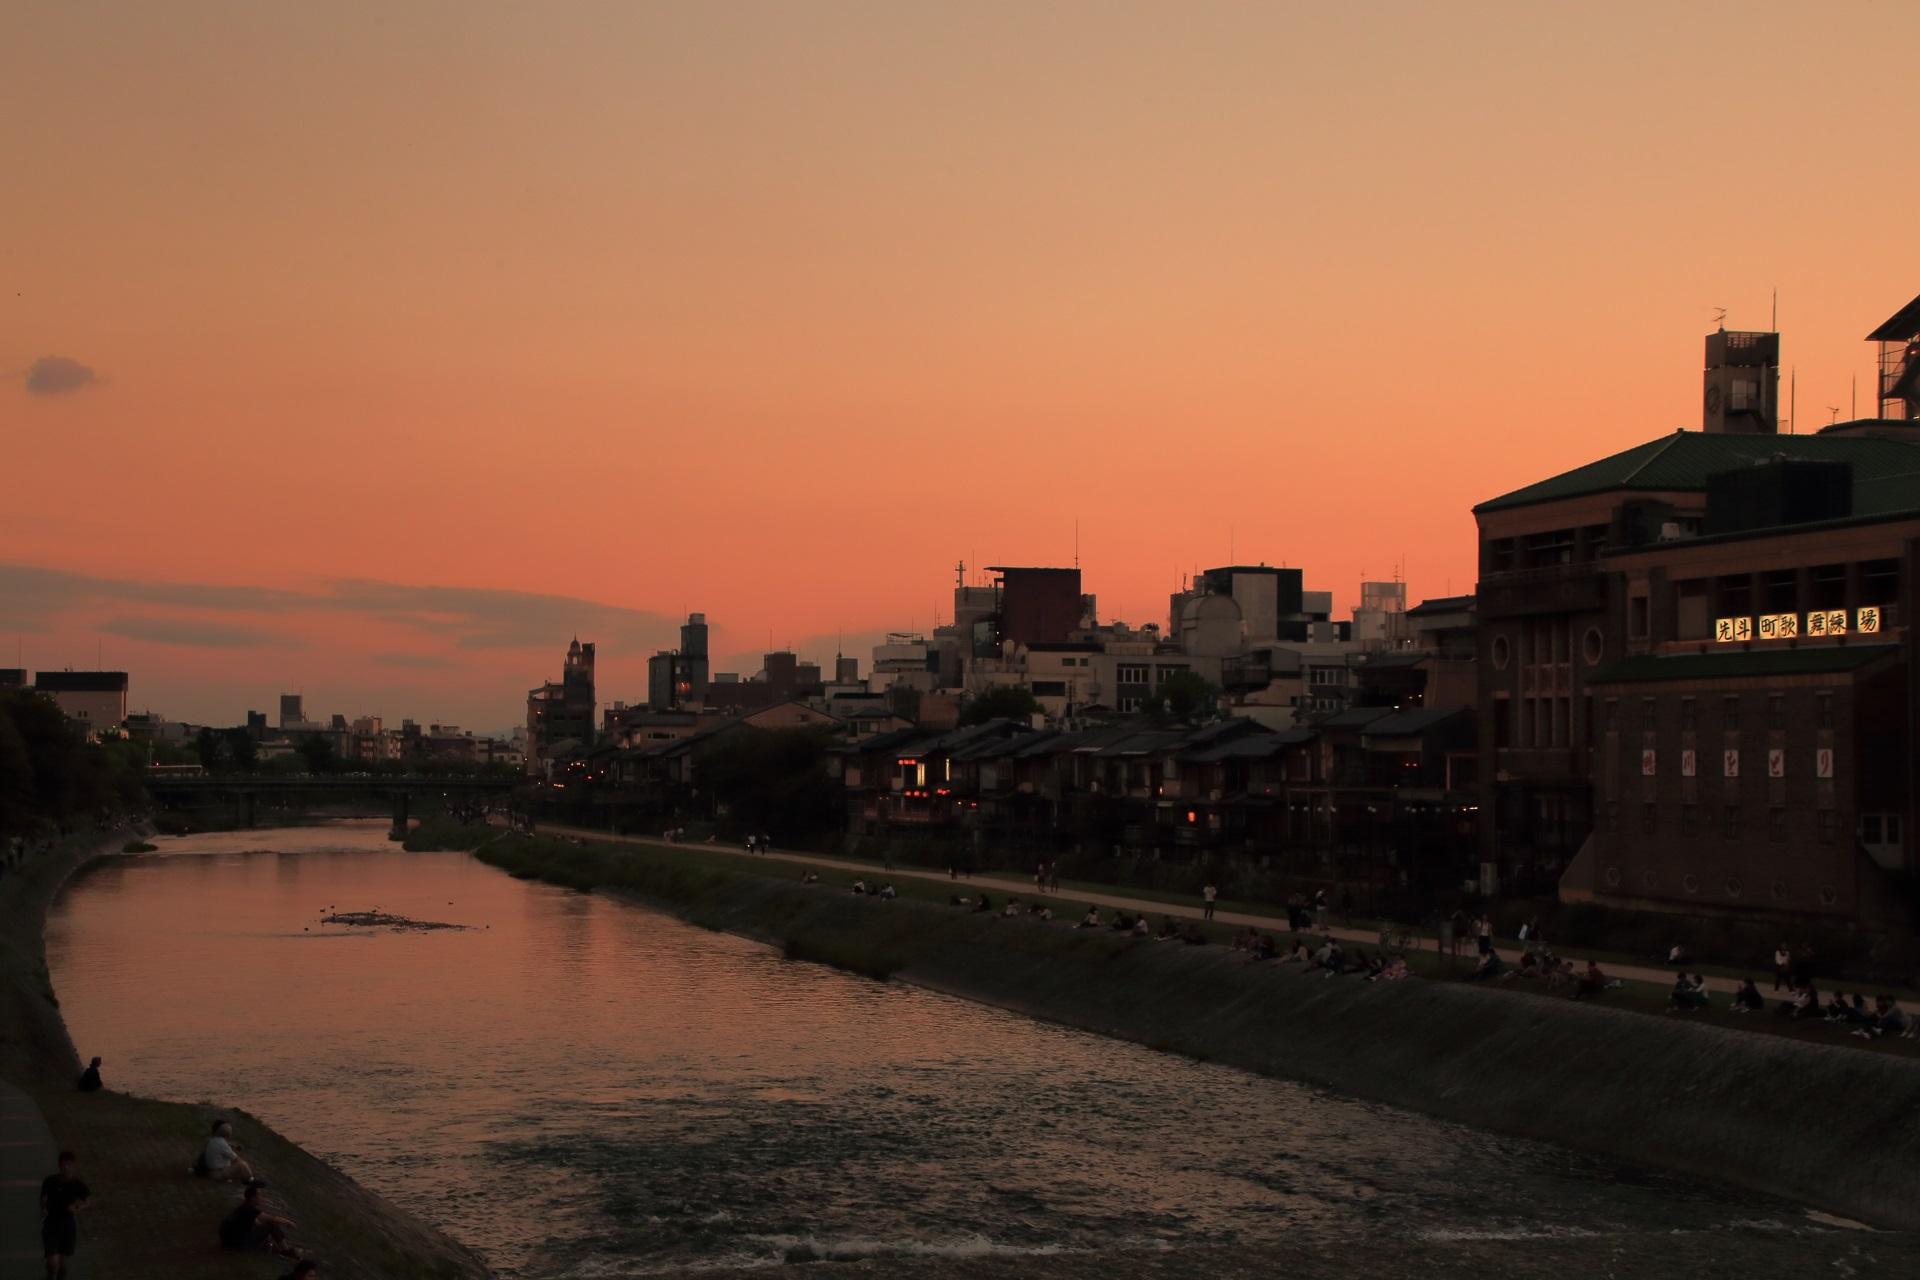 三条大橋から眺めた鴨川の夕焼け